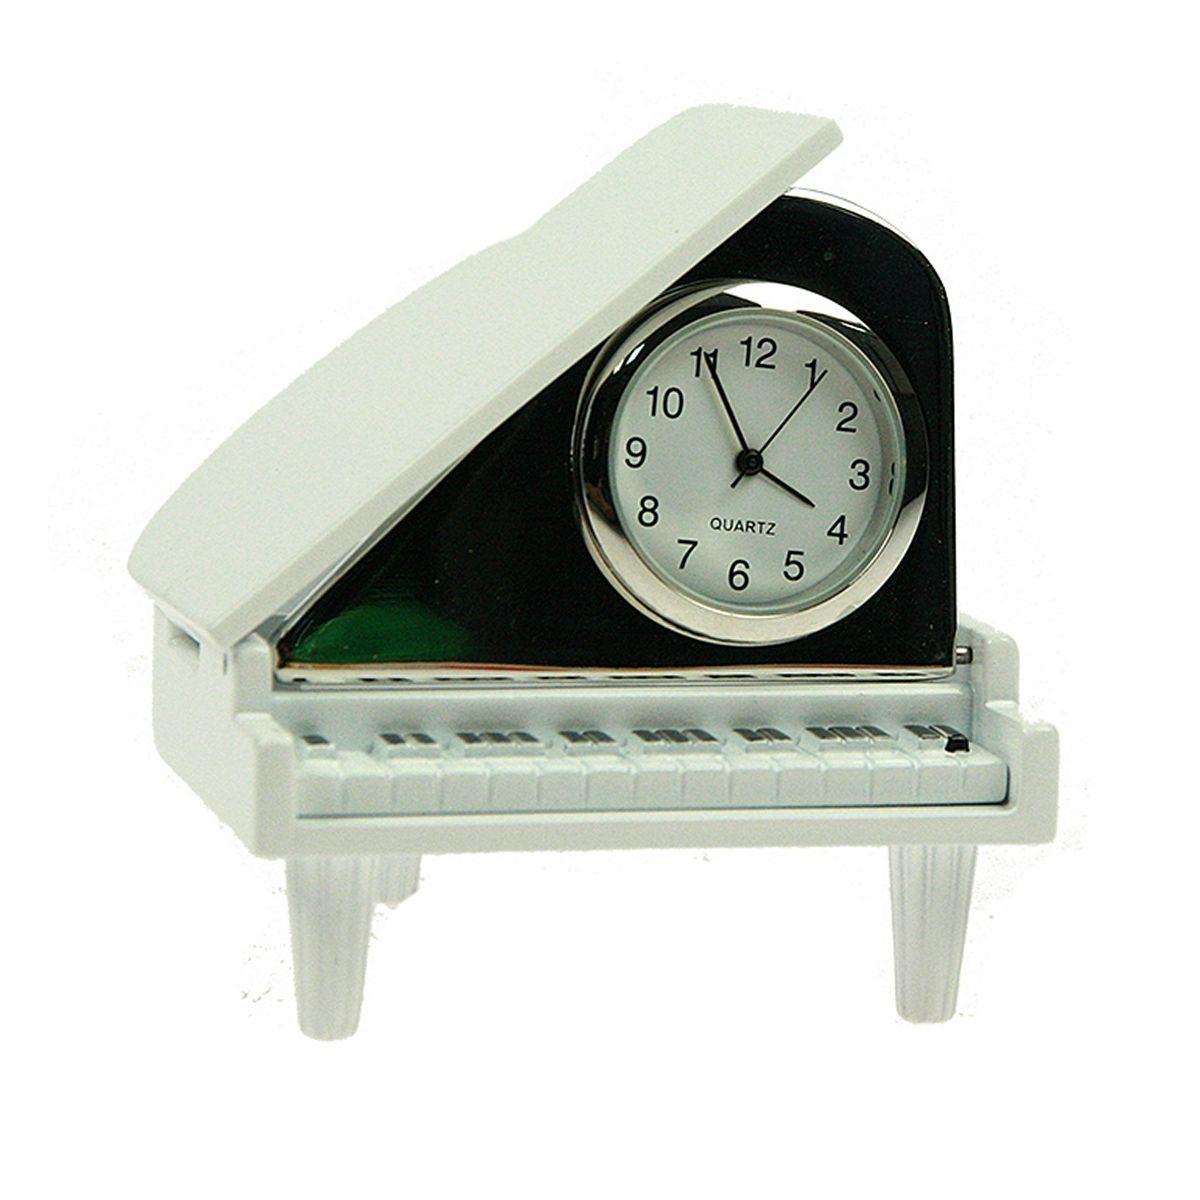 Часы настольные Русские Подарки Рояль. 2243122431Настольные кварцевые часы Русские Подарки Рояль изготовлены из металла. Изделие оригинально оформлено. Часы имеют три стрелки - часовую, минутную и секундную. Такие часы украсят интерьер дома или рабочий стол в офисе. Также часы могут стать уникальным, полезным подарком для родственников, коллег, знакомых и близких. Часы работают от батареек типа SR626 (в комплект не входят).